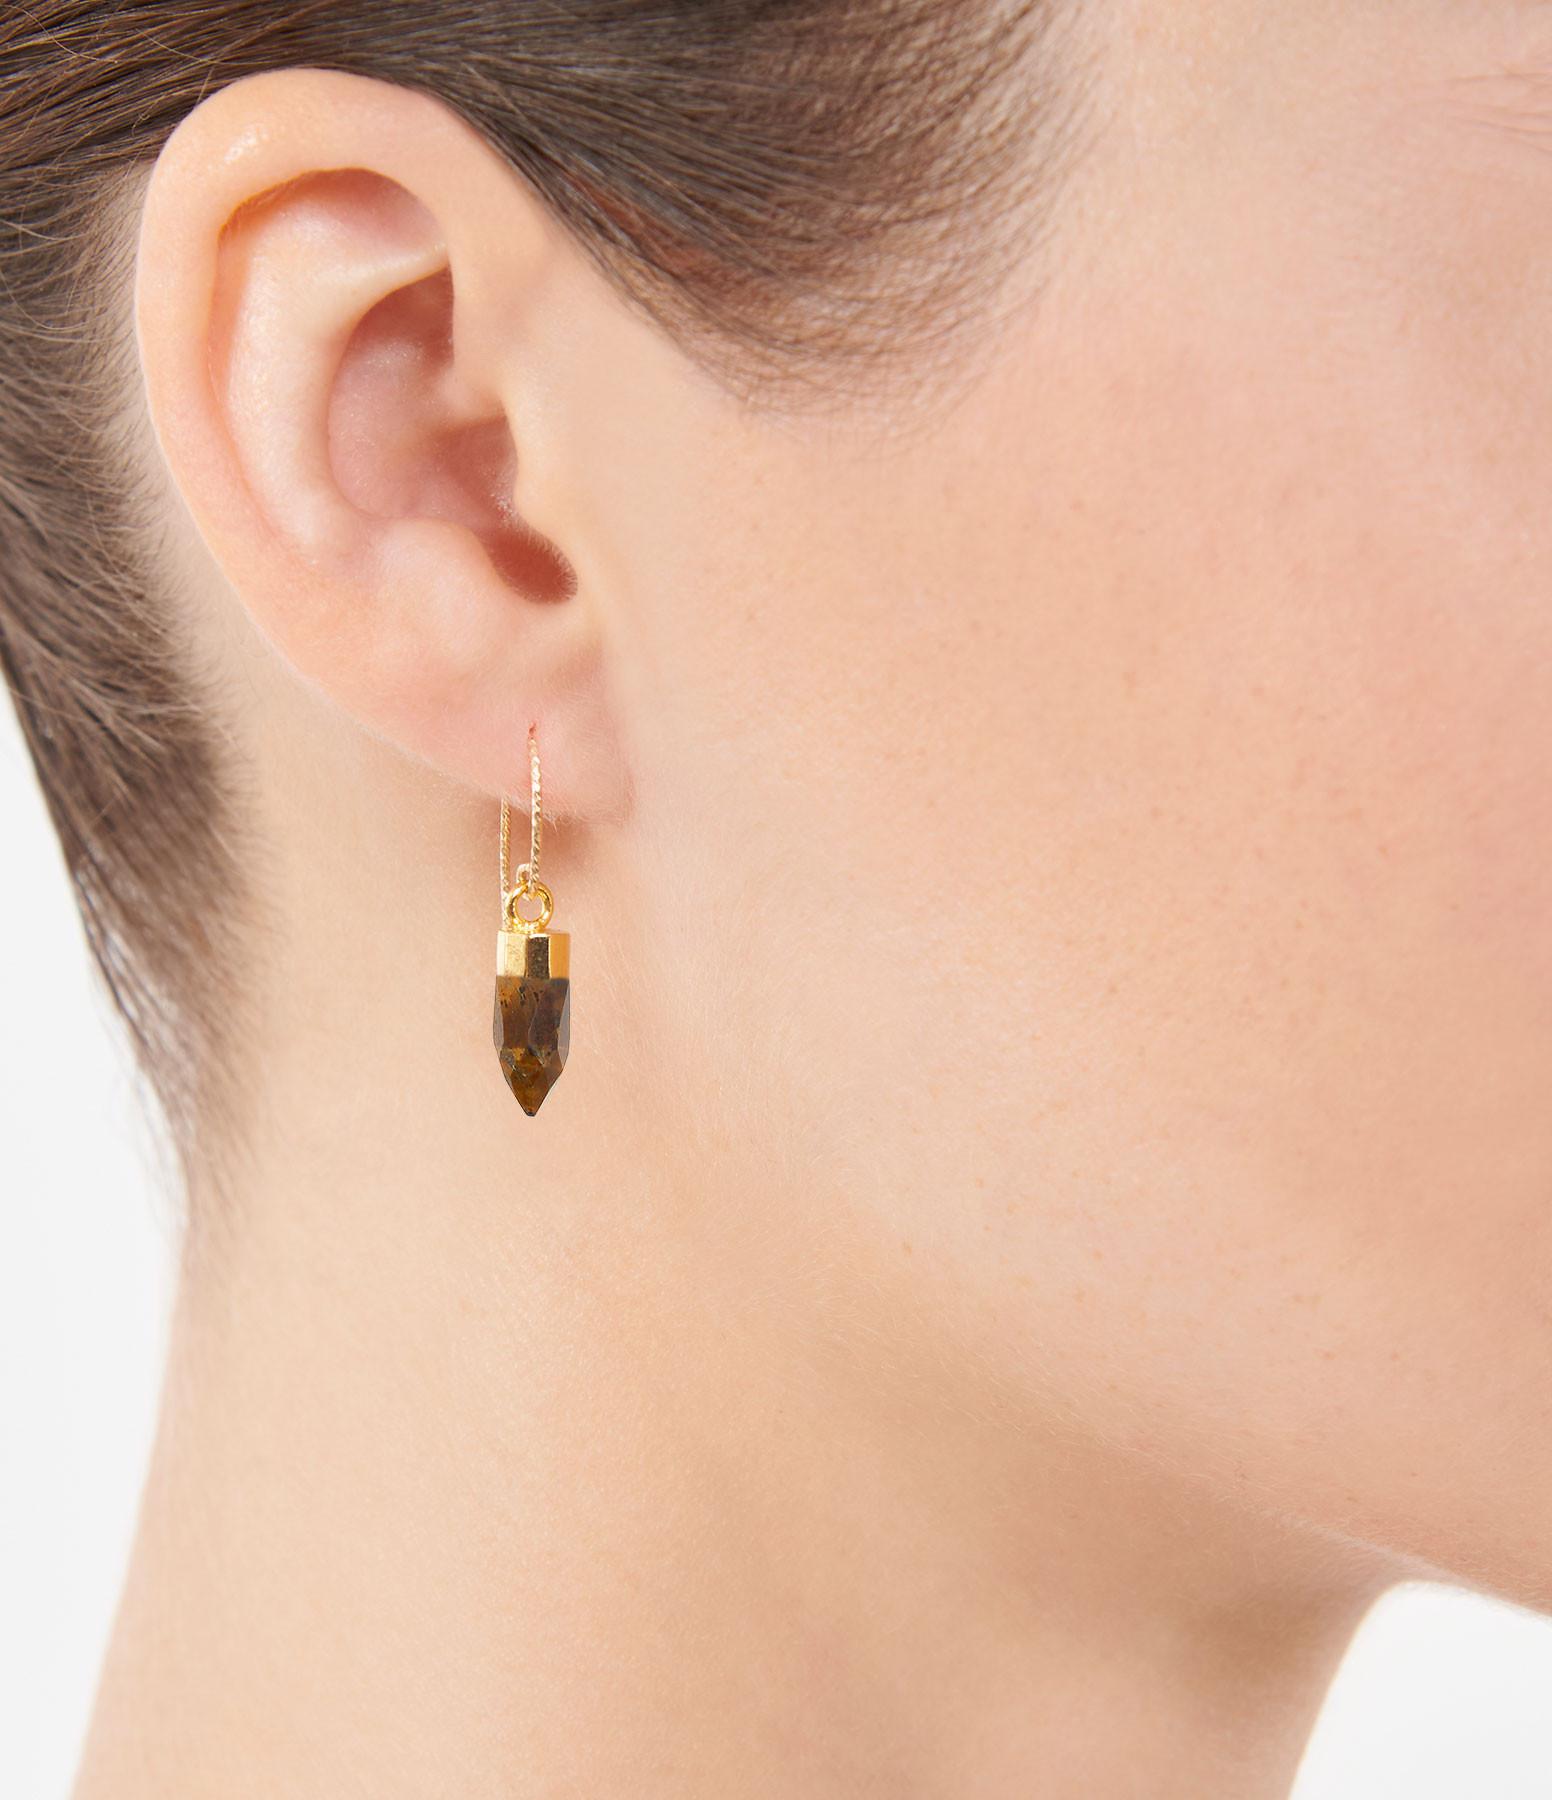 MON PRECIEUX GEM - Boucle d'oreille Rocher Roucas Oeil de Tigre (unit